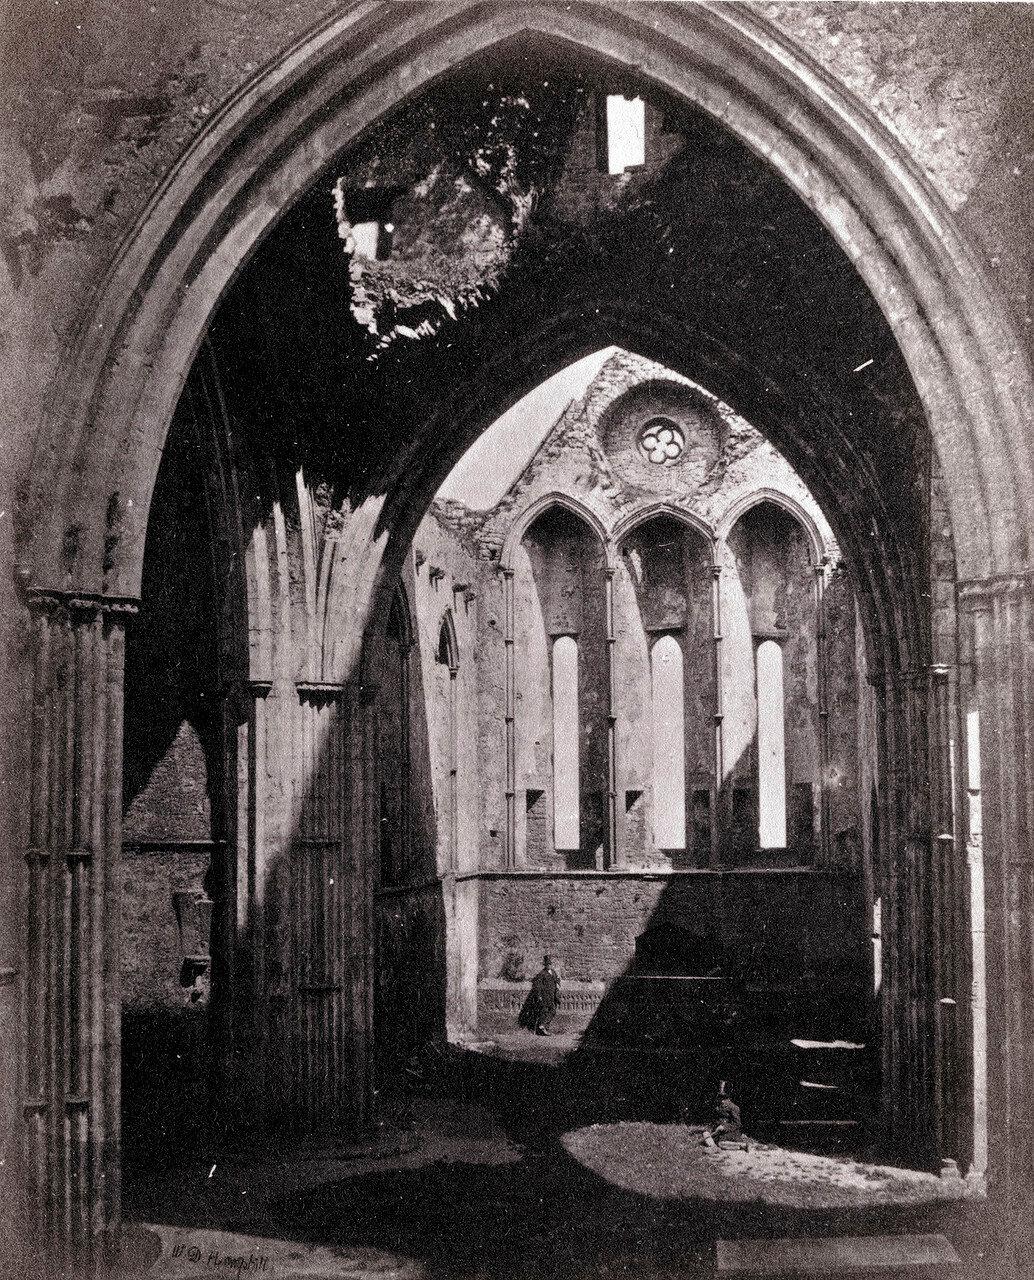 Замок Скала Кашел, северный трансепт собора. Ирландия, 1864